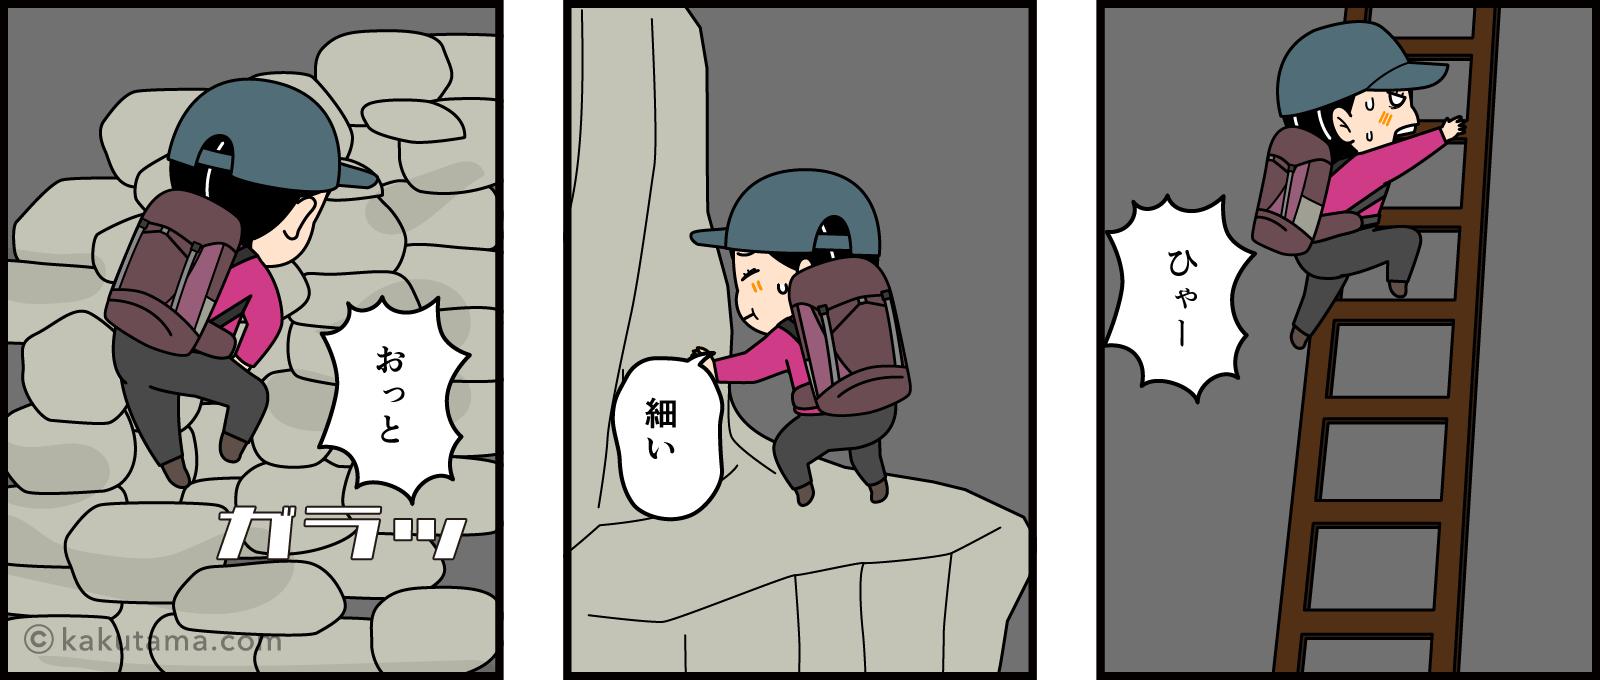 岩場を登る時はストックをしまう漫画